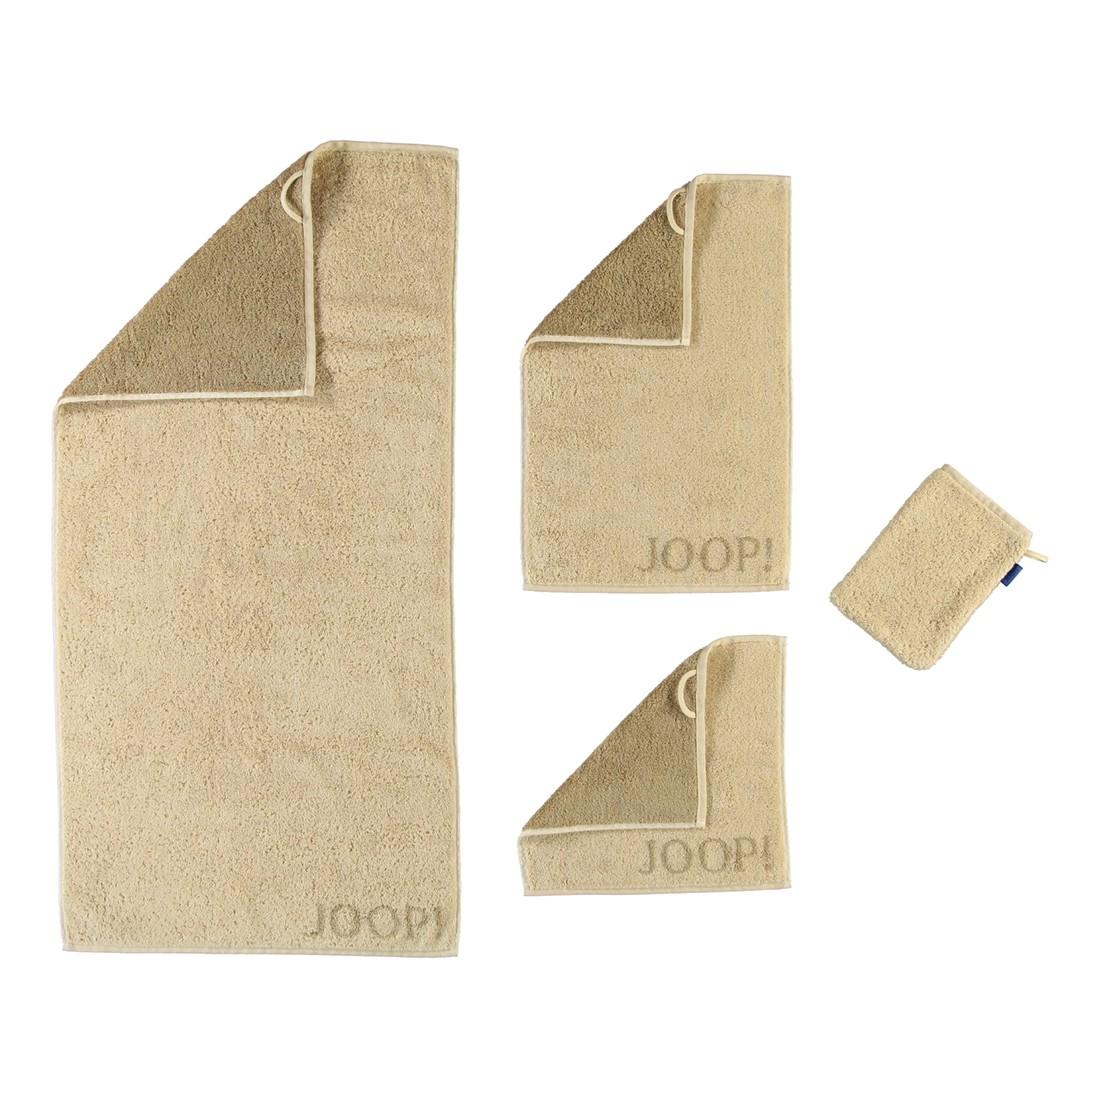 Handtuch Elegance Doubleface – 100% Baumwolle travertin – 37 – Saunatuch: 80 x 200 cm, Joop kaufen